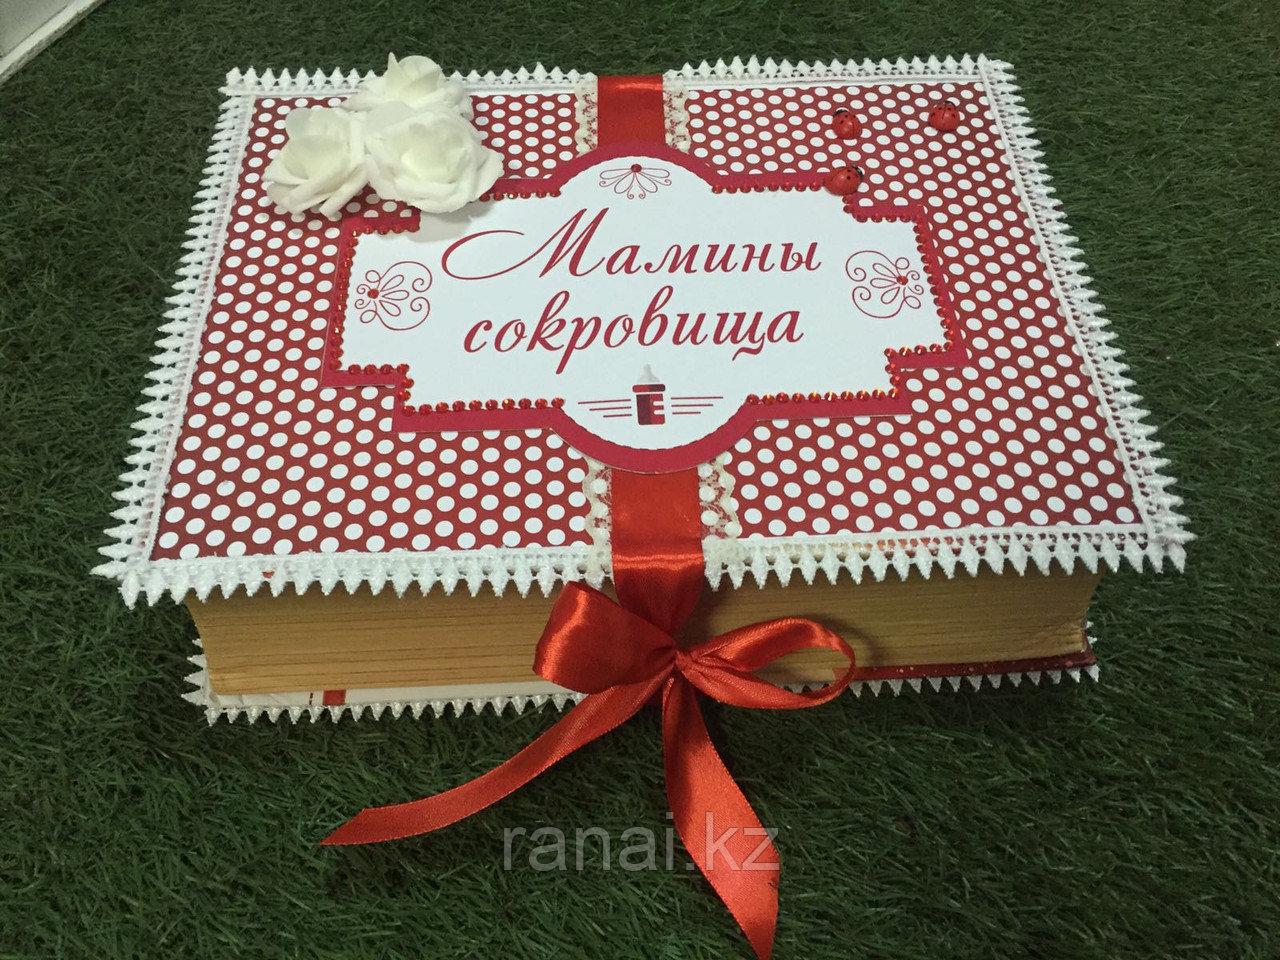 Набор коробочек Мамины сокровища,Анасының байлығы - фото 8